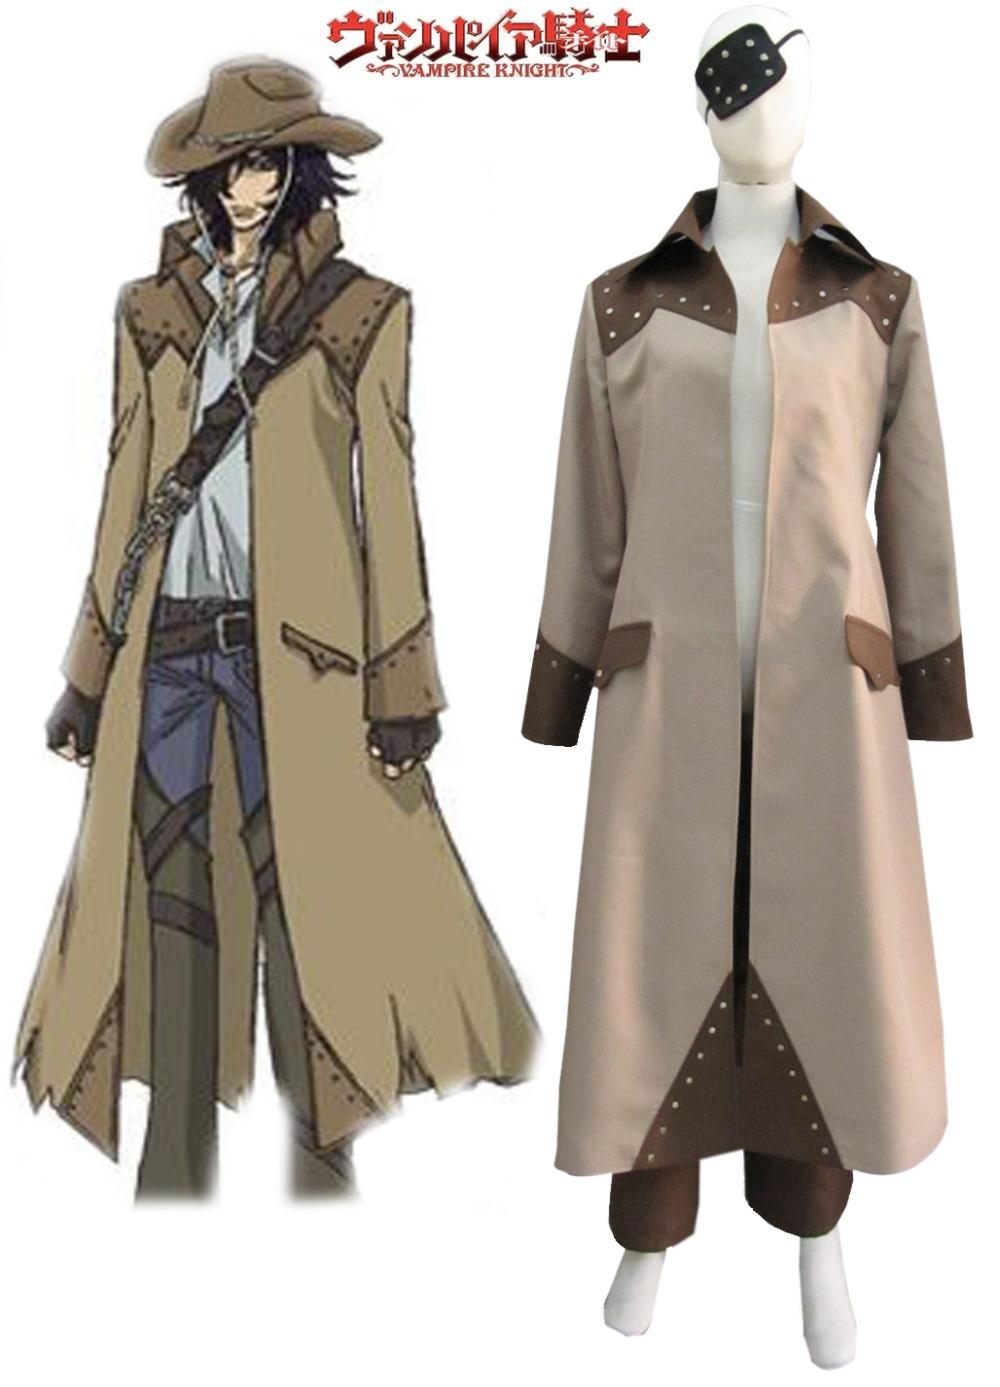 Vampire Knight Vampire Hunter Toga Yagari Overcoat Anime Cosplay Costumes Halloween Costume C0054(China (Mainland))